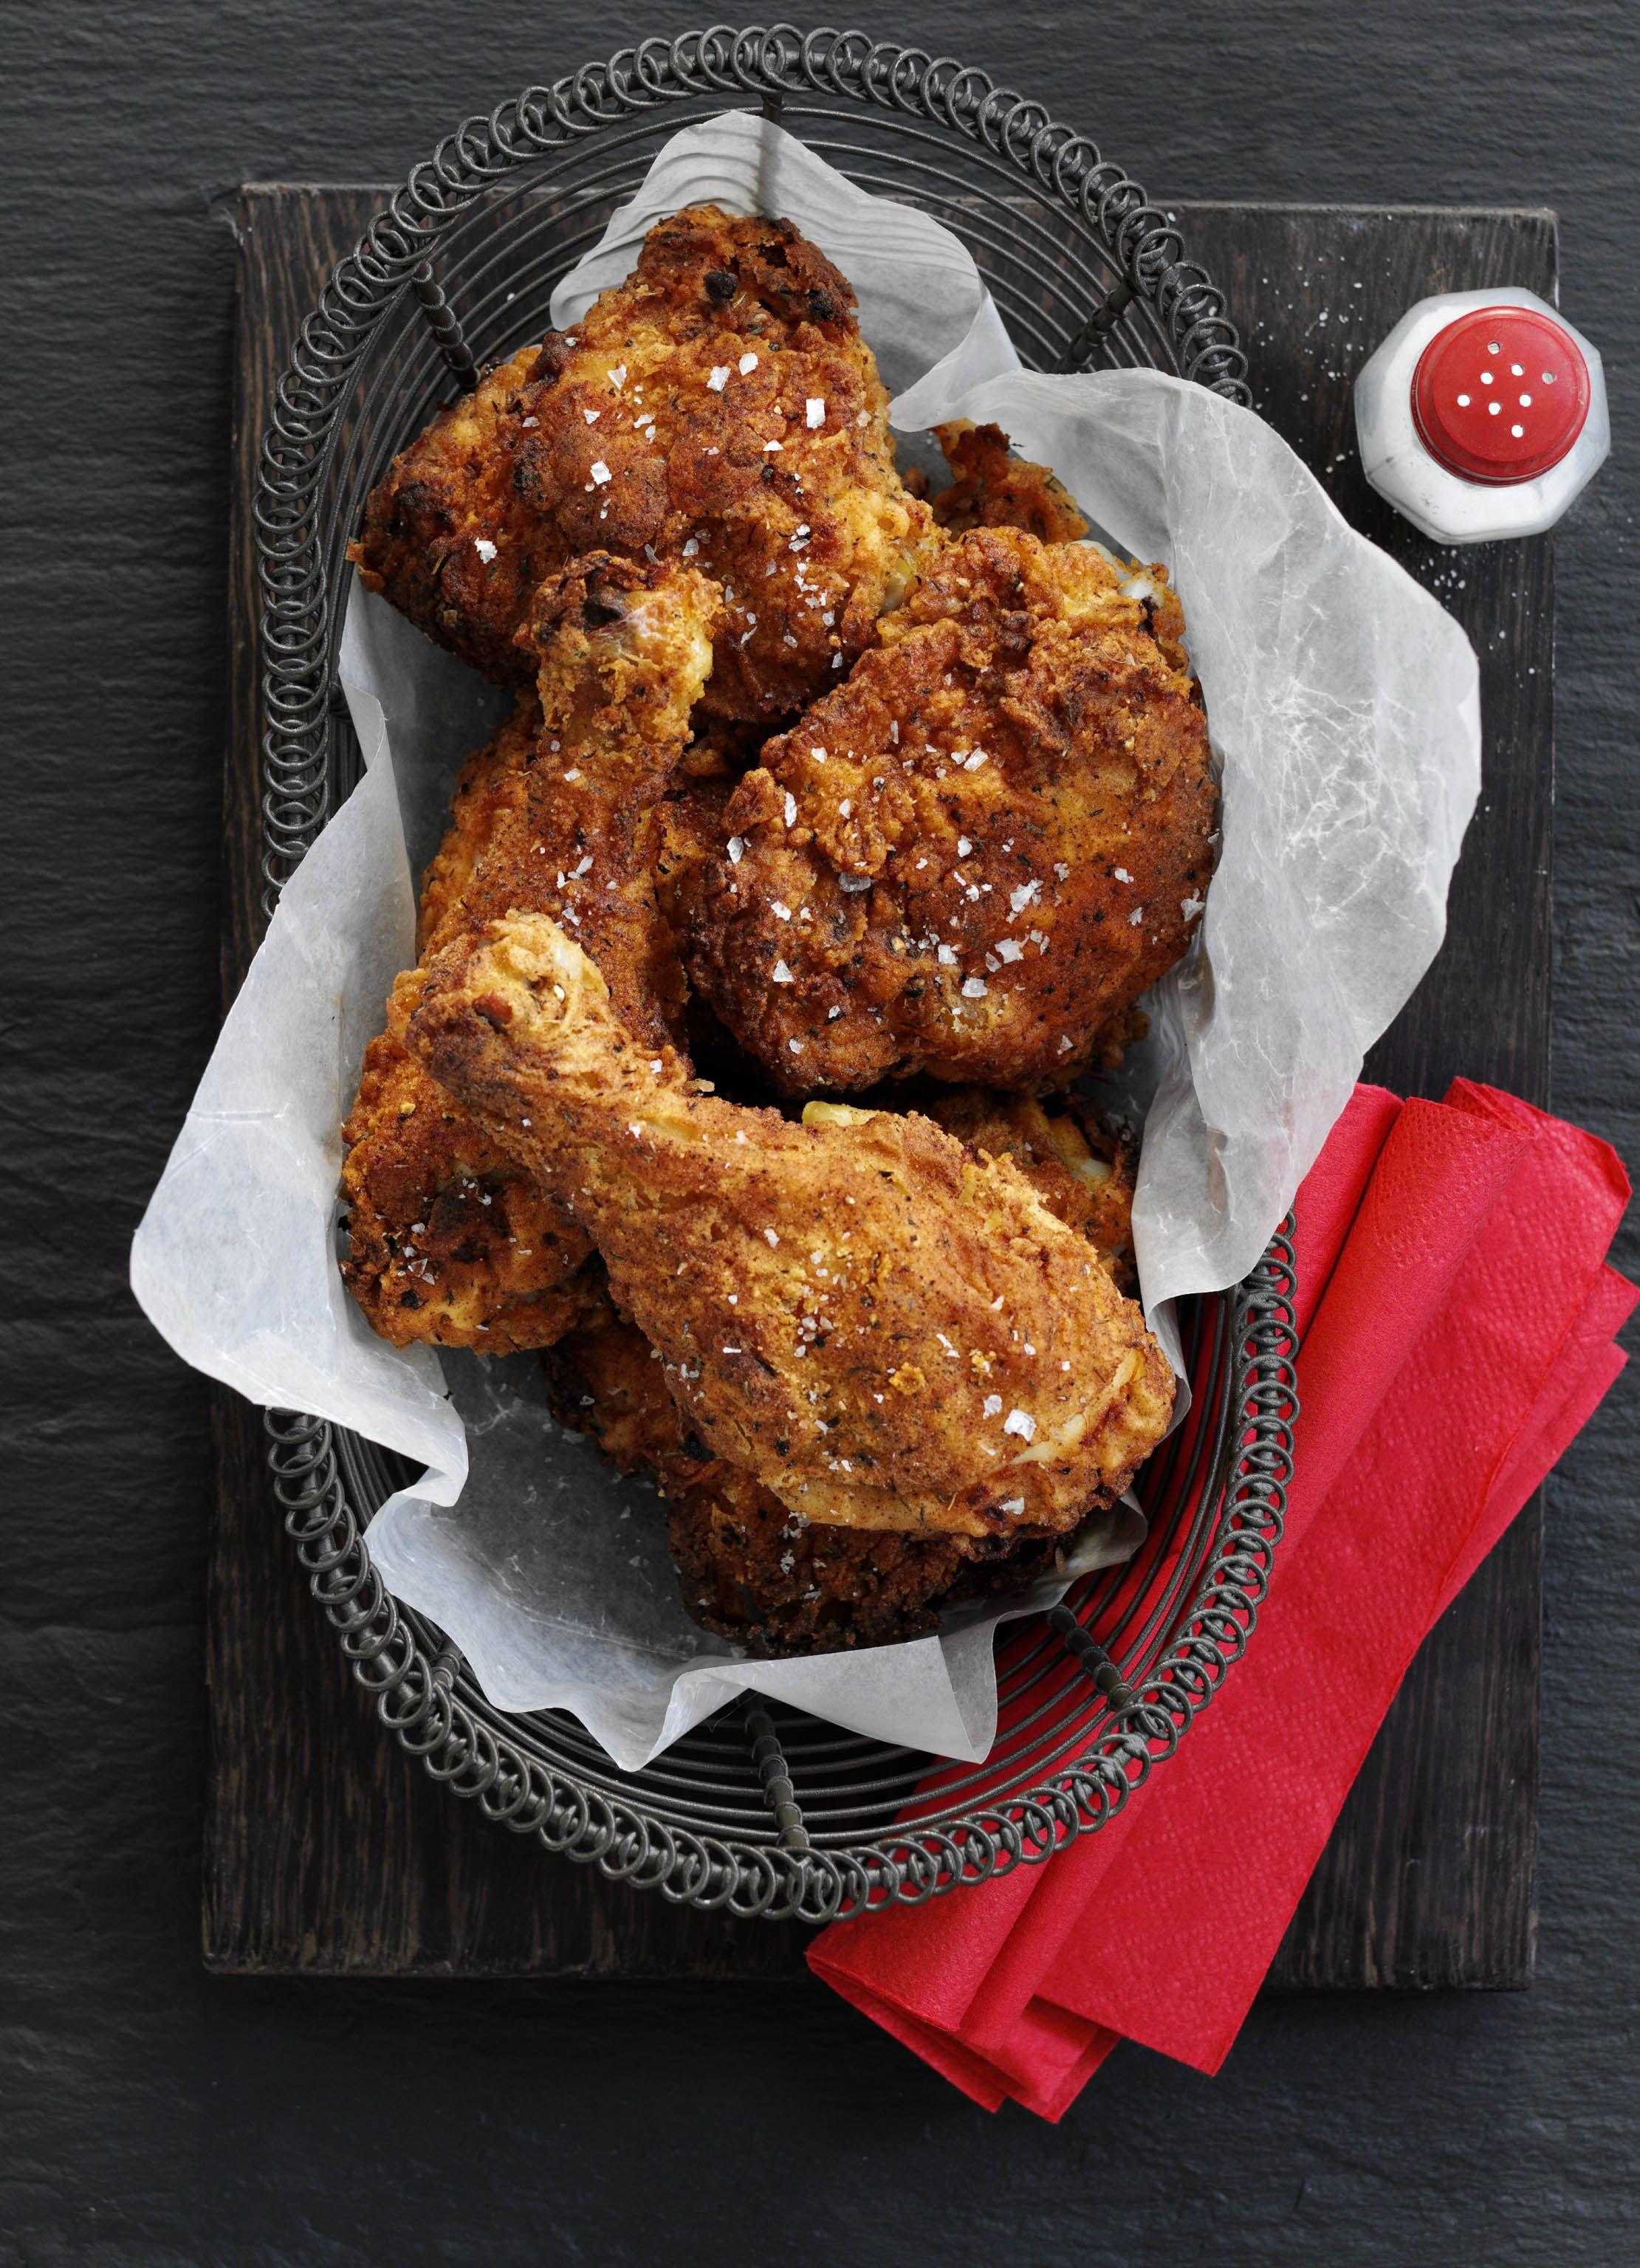 Buttermilk Fried Chicken Recipe In 2020 Food Recipes Buttermilk Fried Chicken Buttermilk Chicken